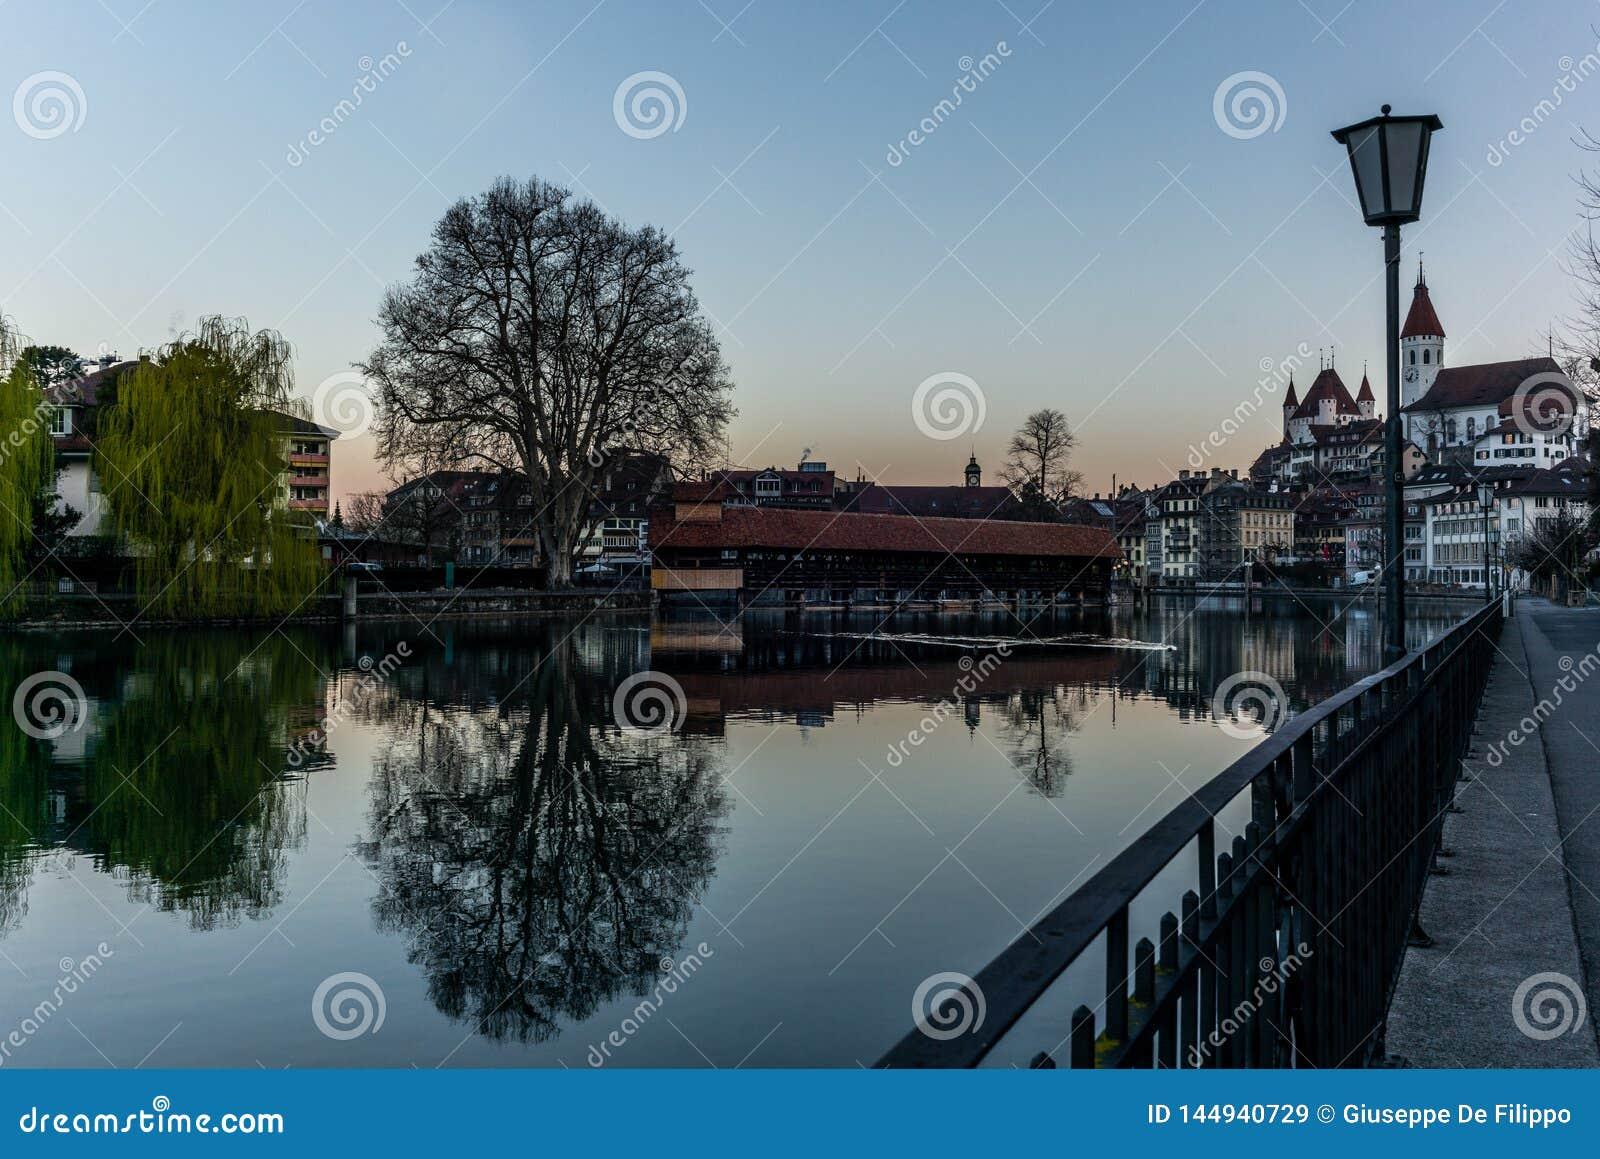 Un pont en bois traversant la rivière Aare avec le château de Thun à l arrière-plan tôt le matin